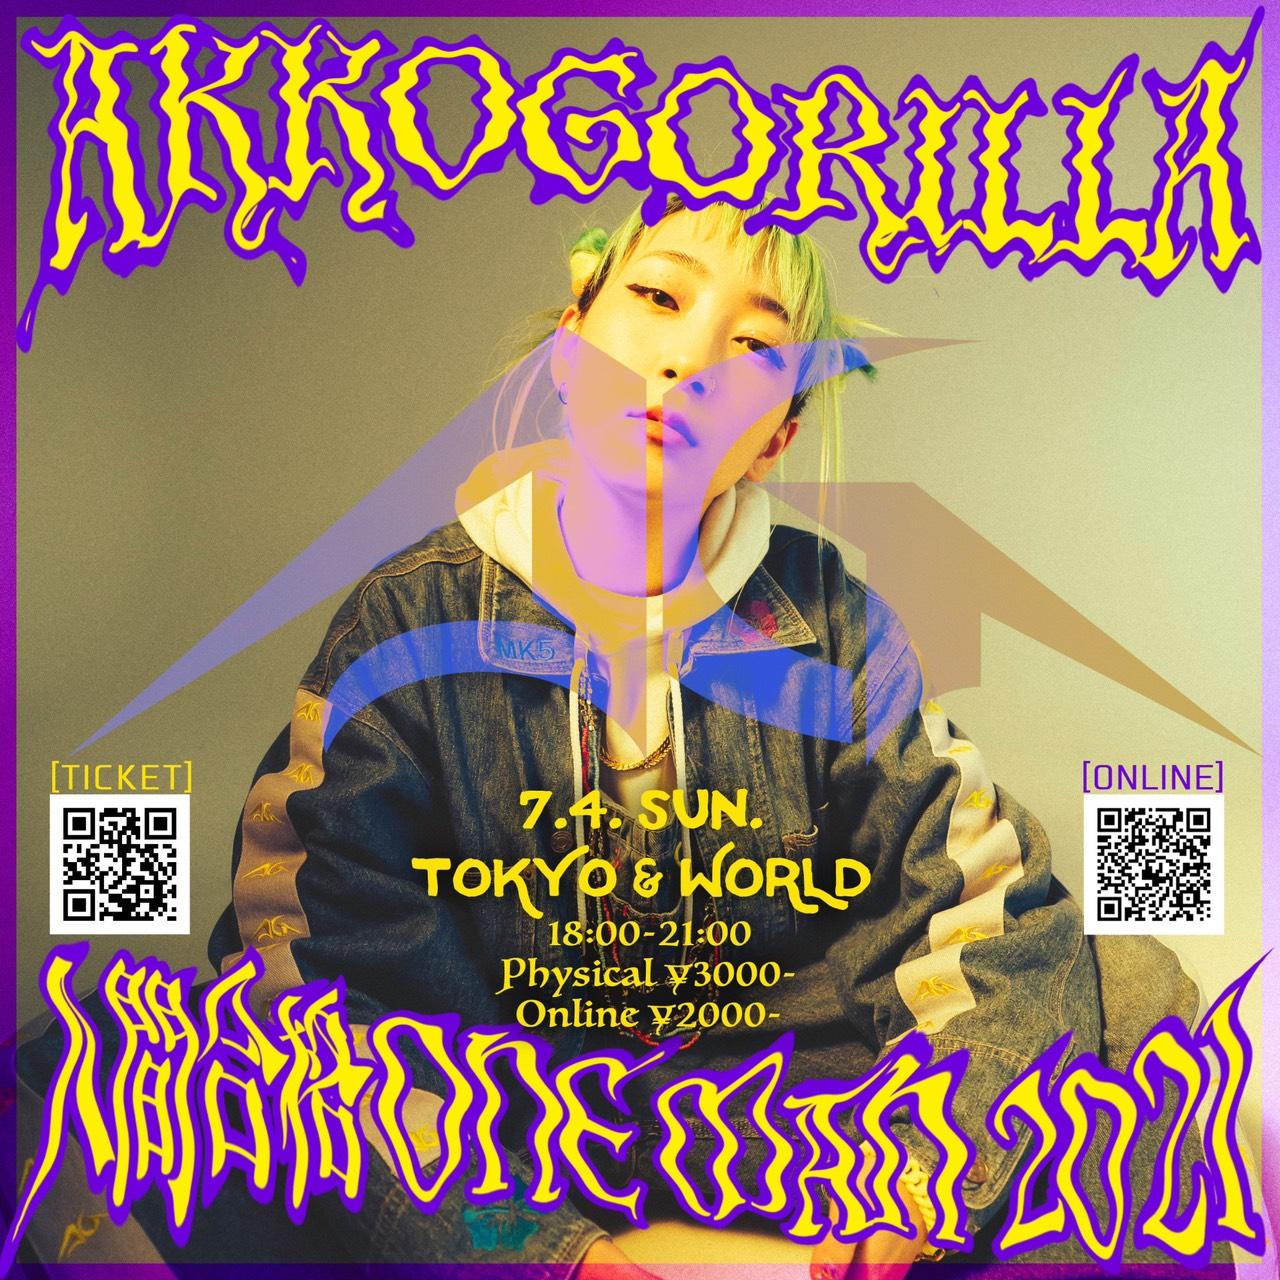 あっこゴリラMIX TAPE「人間合格」リリース記念ワンマンライブ AKKOGORILLA〜人間合格 ONE MAN 2021 〜